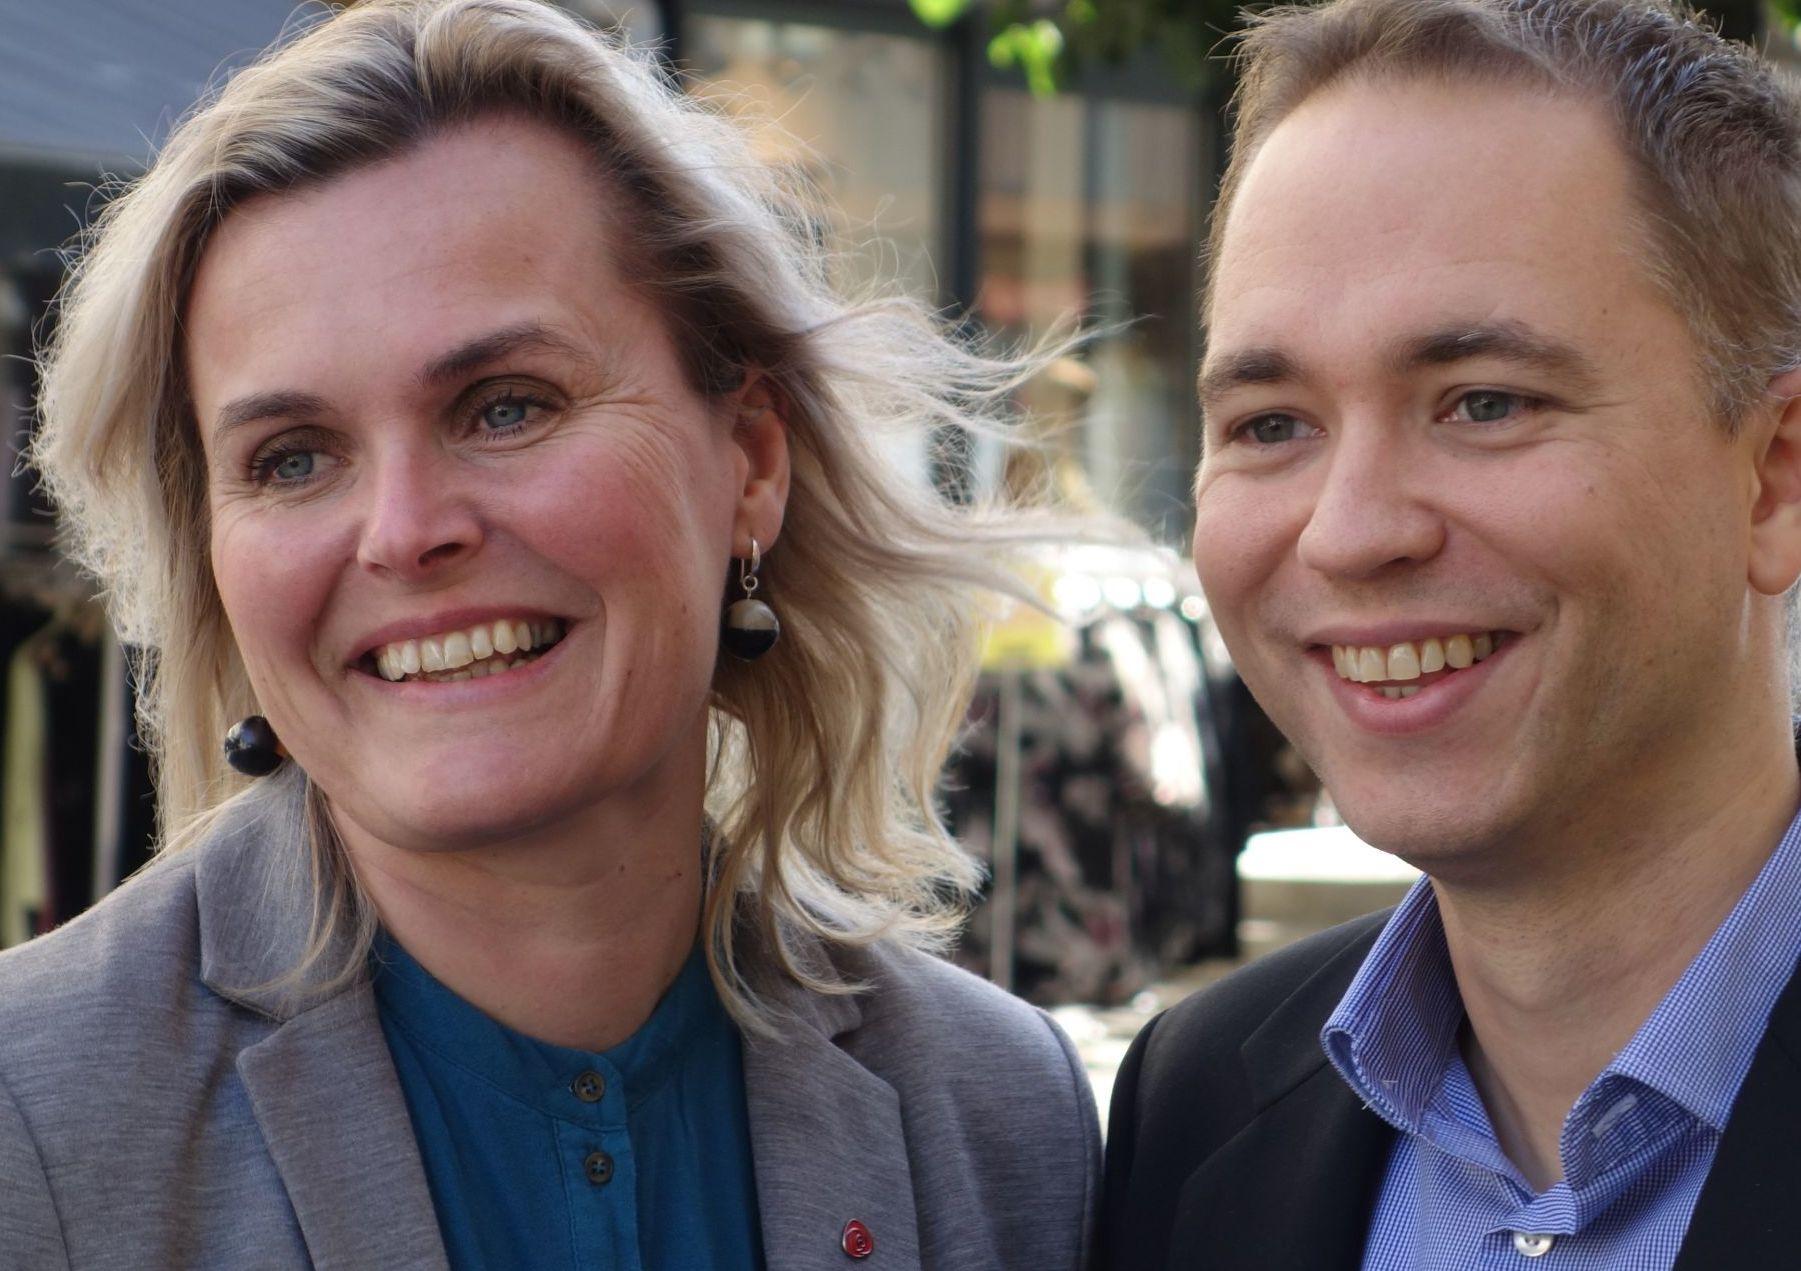 Hvis vi får inn både Tellef Inge og Cecilie på Stortinget, kan det føre til at det blir regjeringsskifte.